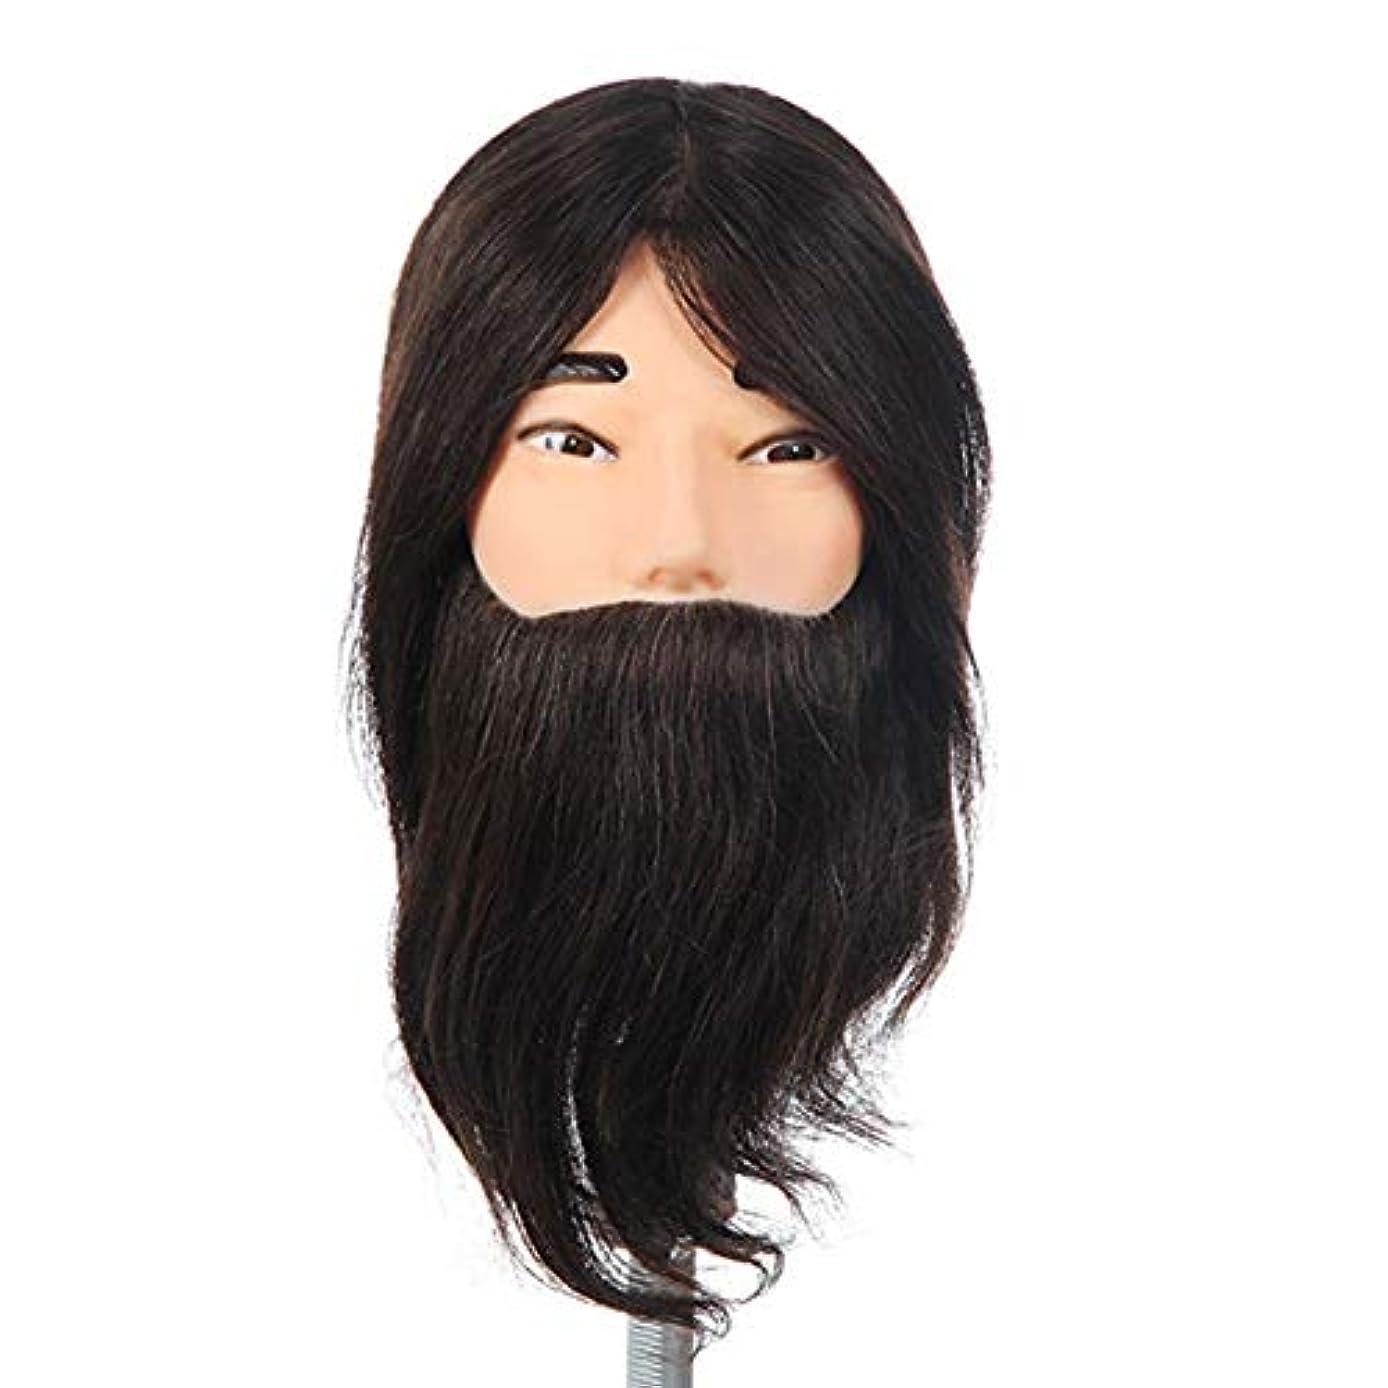 襲撃入学する汚染された男性の本物の髪ショートヘアダミーヘッド理髪店トリミングひげヘアカットの練習マネキン理髪学校専用のトレーニングヘッド